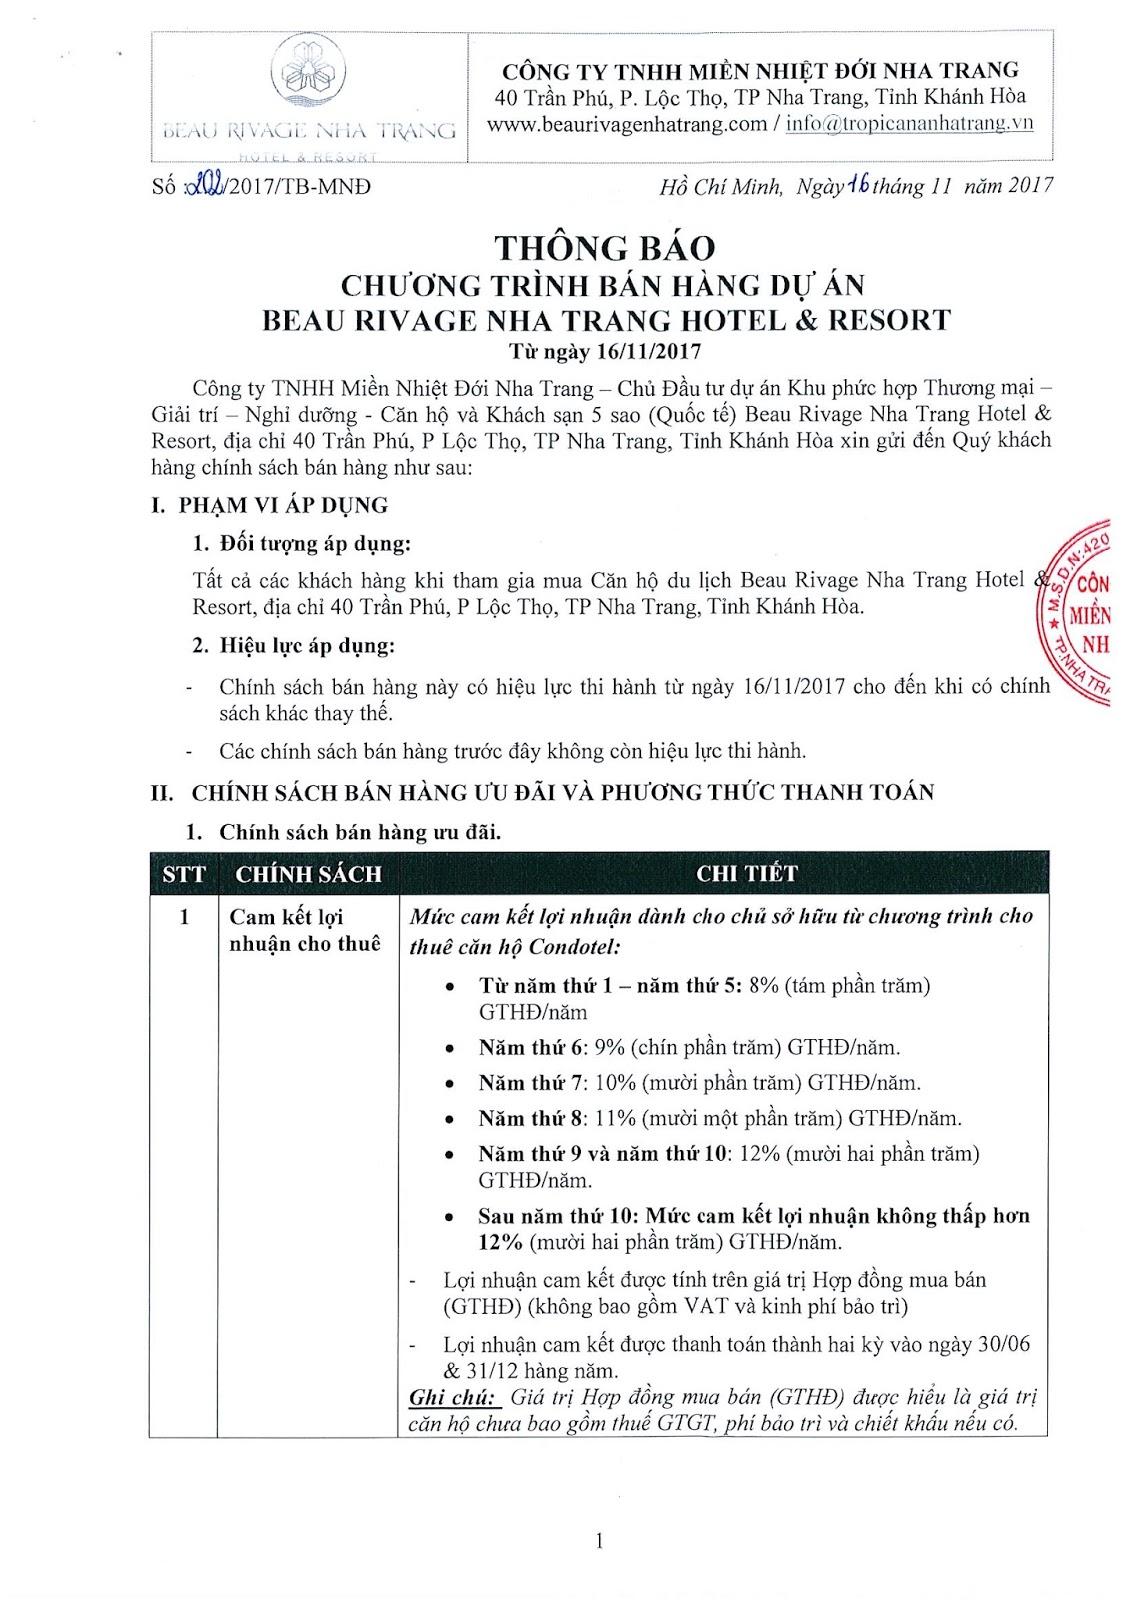 Chính sách bán hàng dự án Beau Rivage Nha Trang